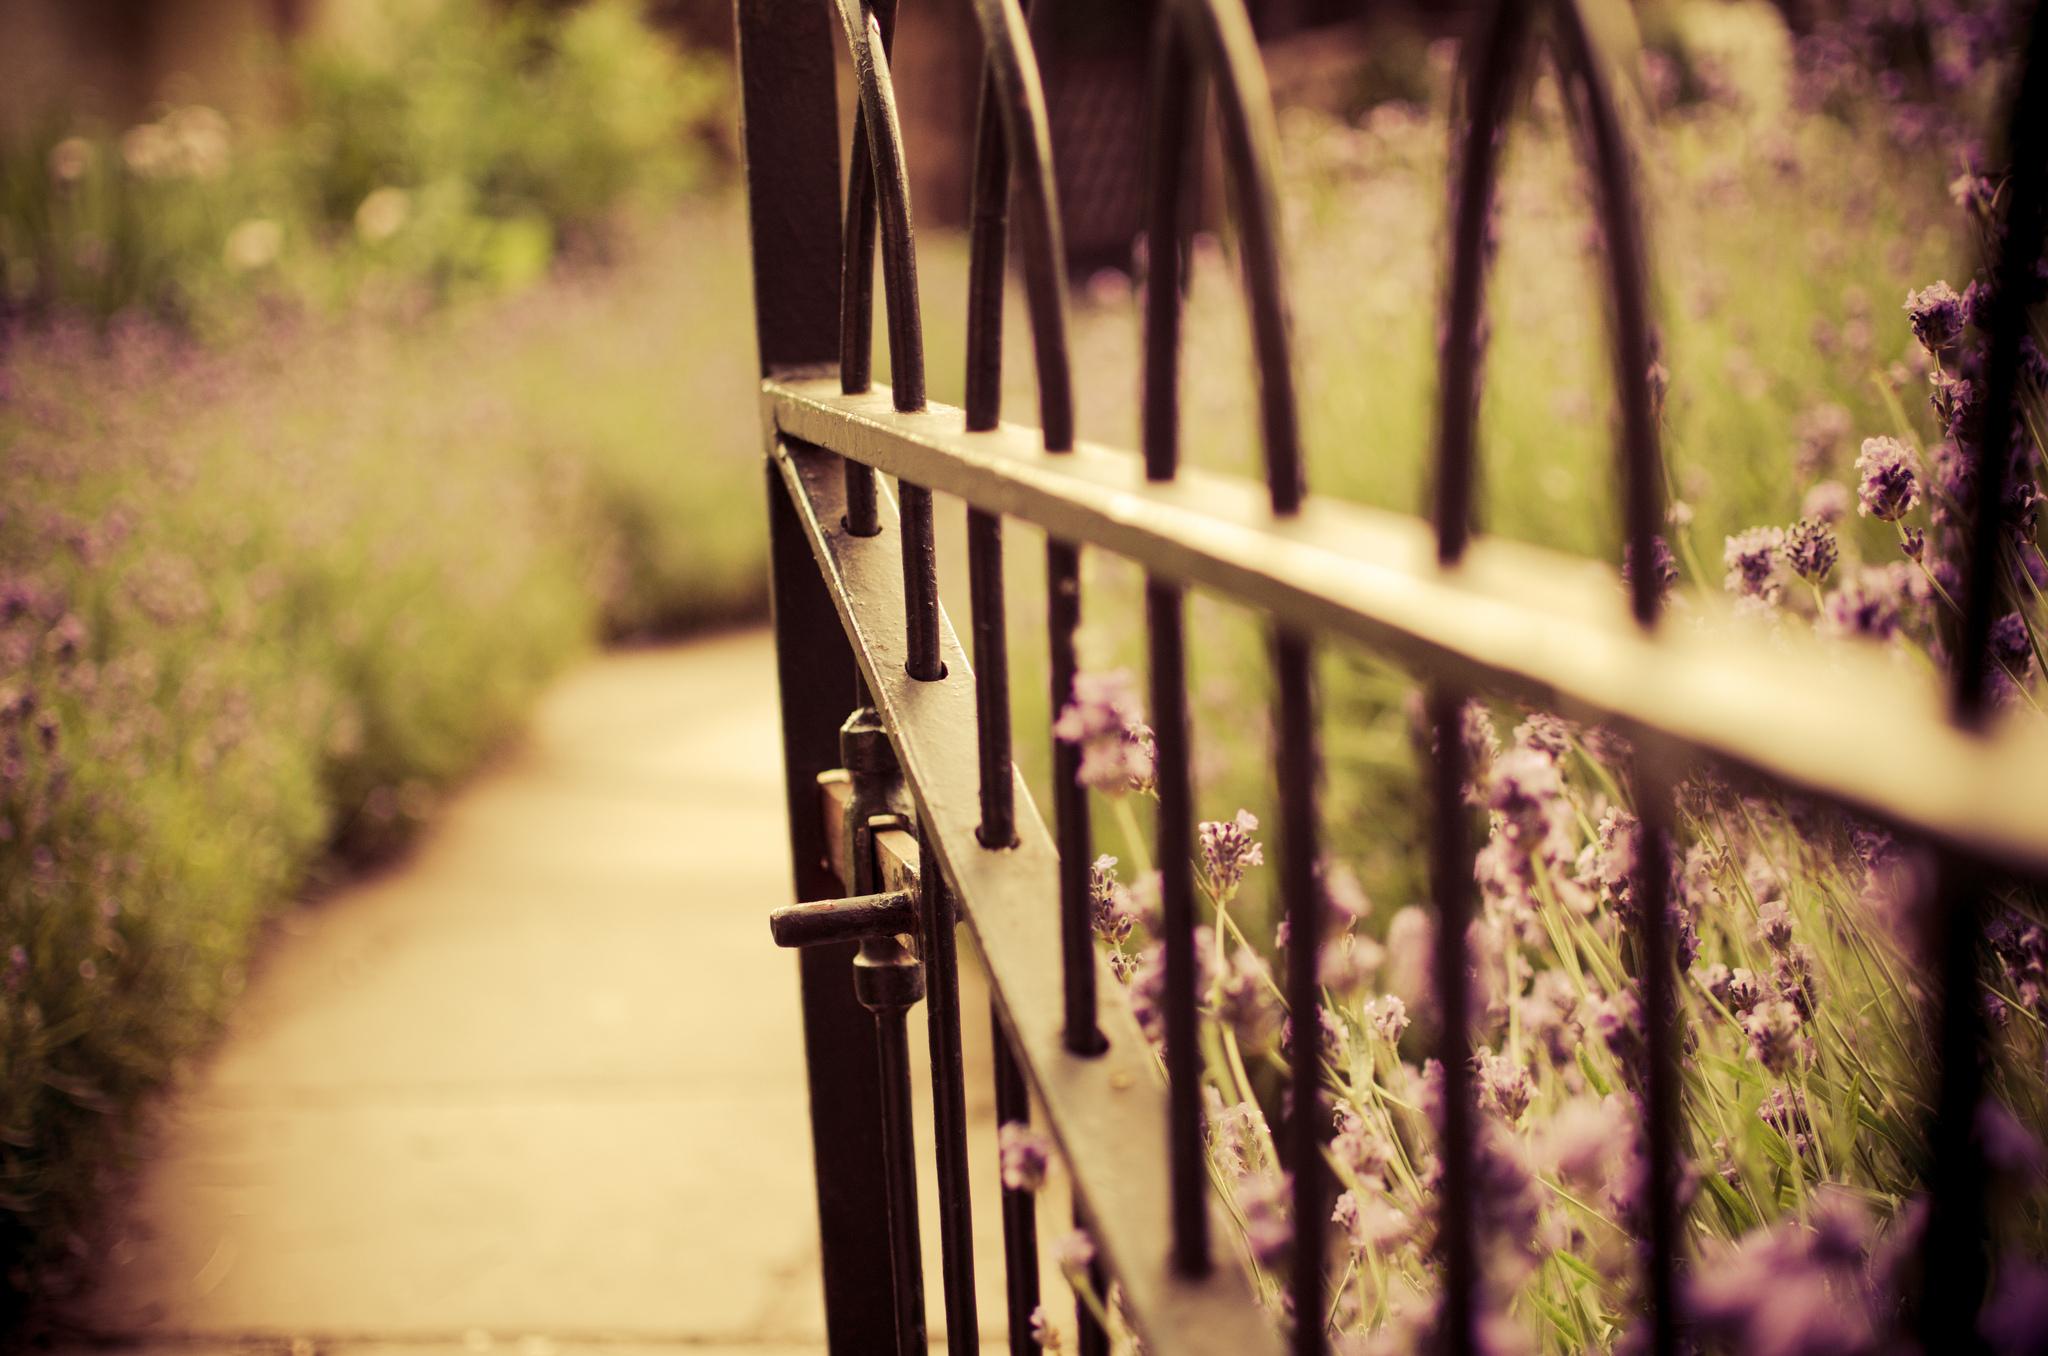 Забор цветы  № 2488781 без смс